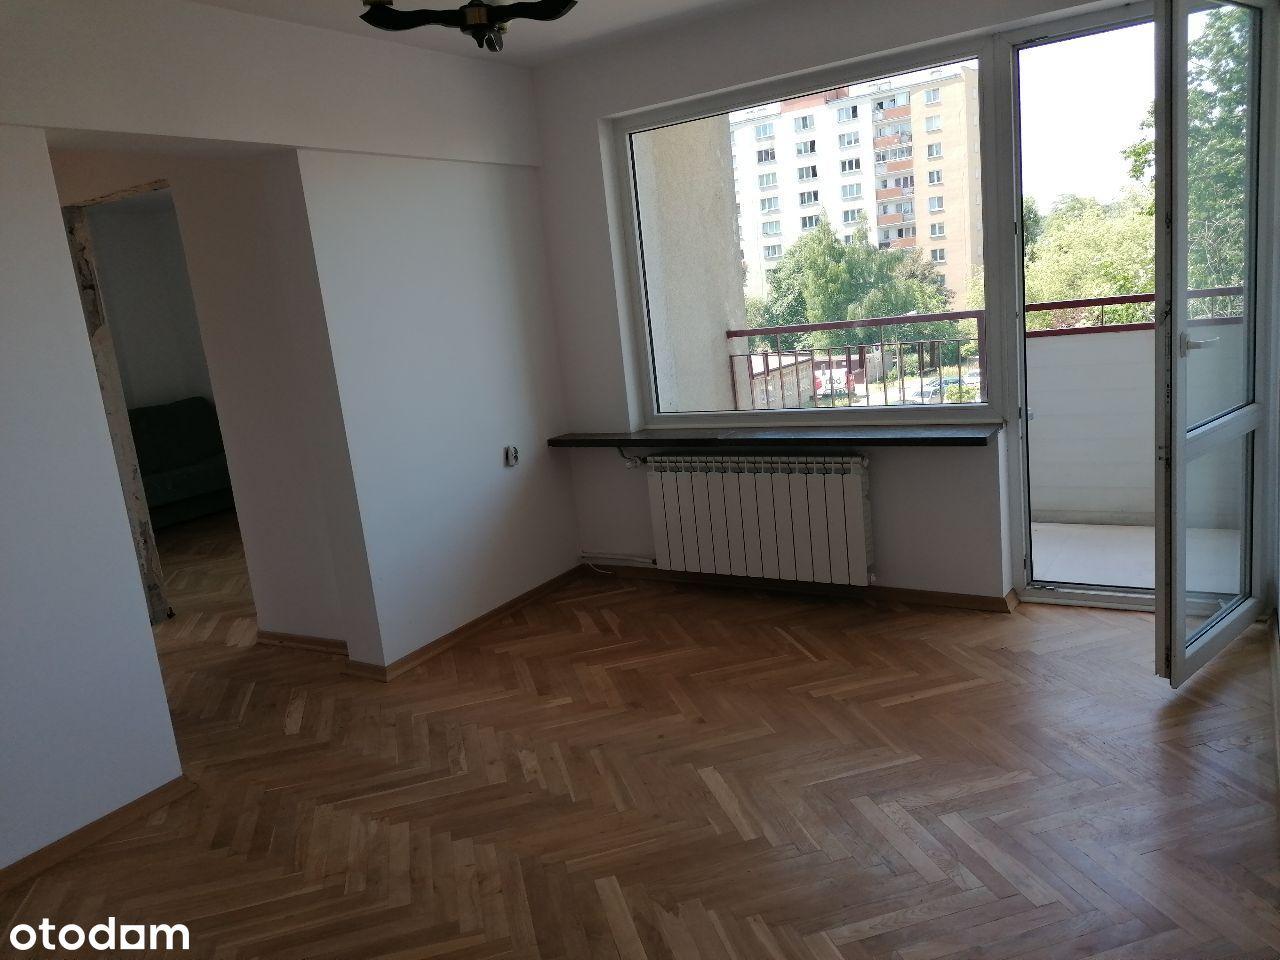 Muranów. 3 pokoje po remoncie 45,88 m2